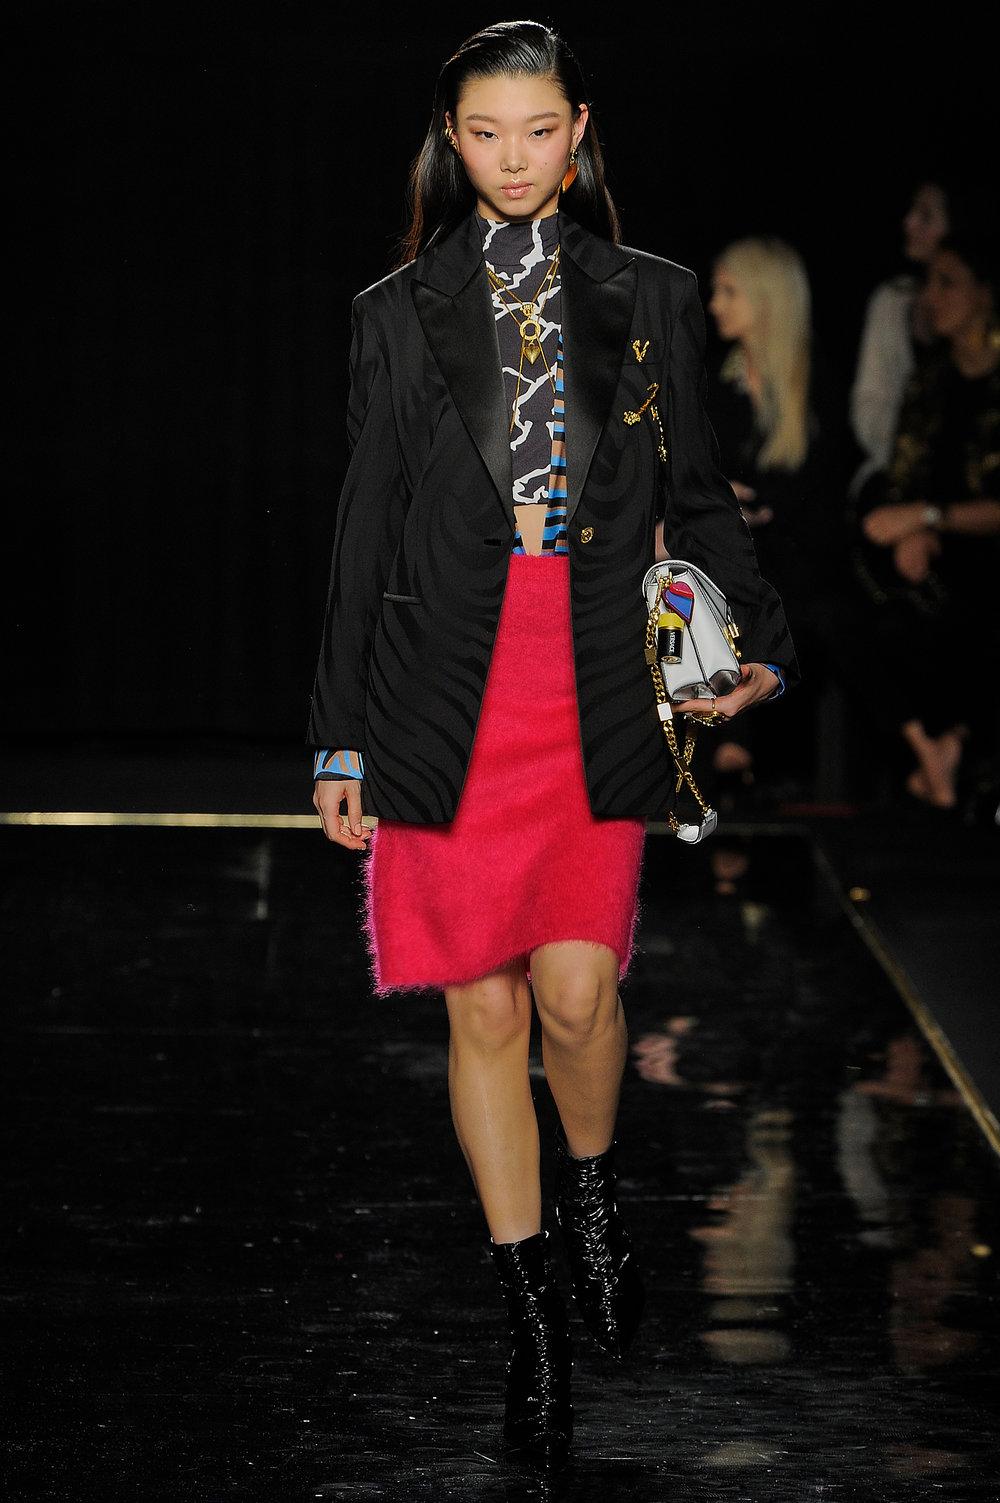 Versace_32_75_versace_runway_runway_00032.jpg